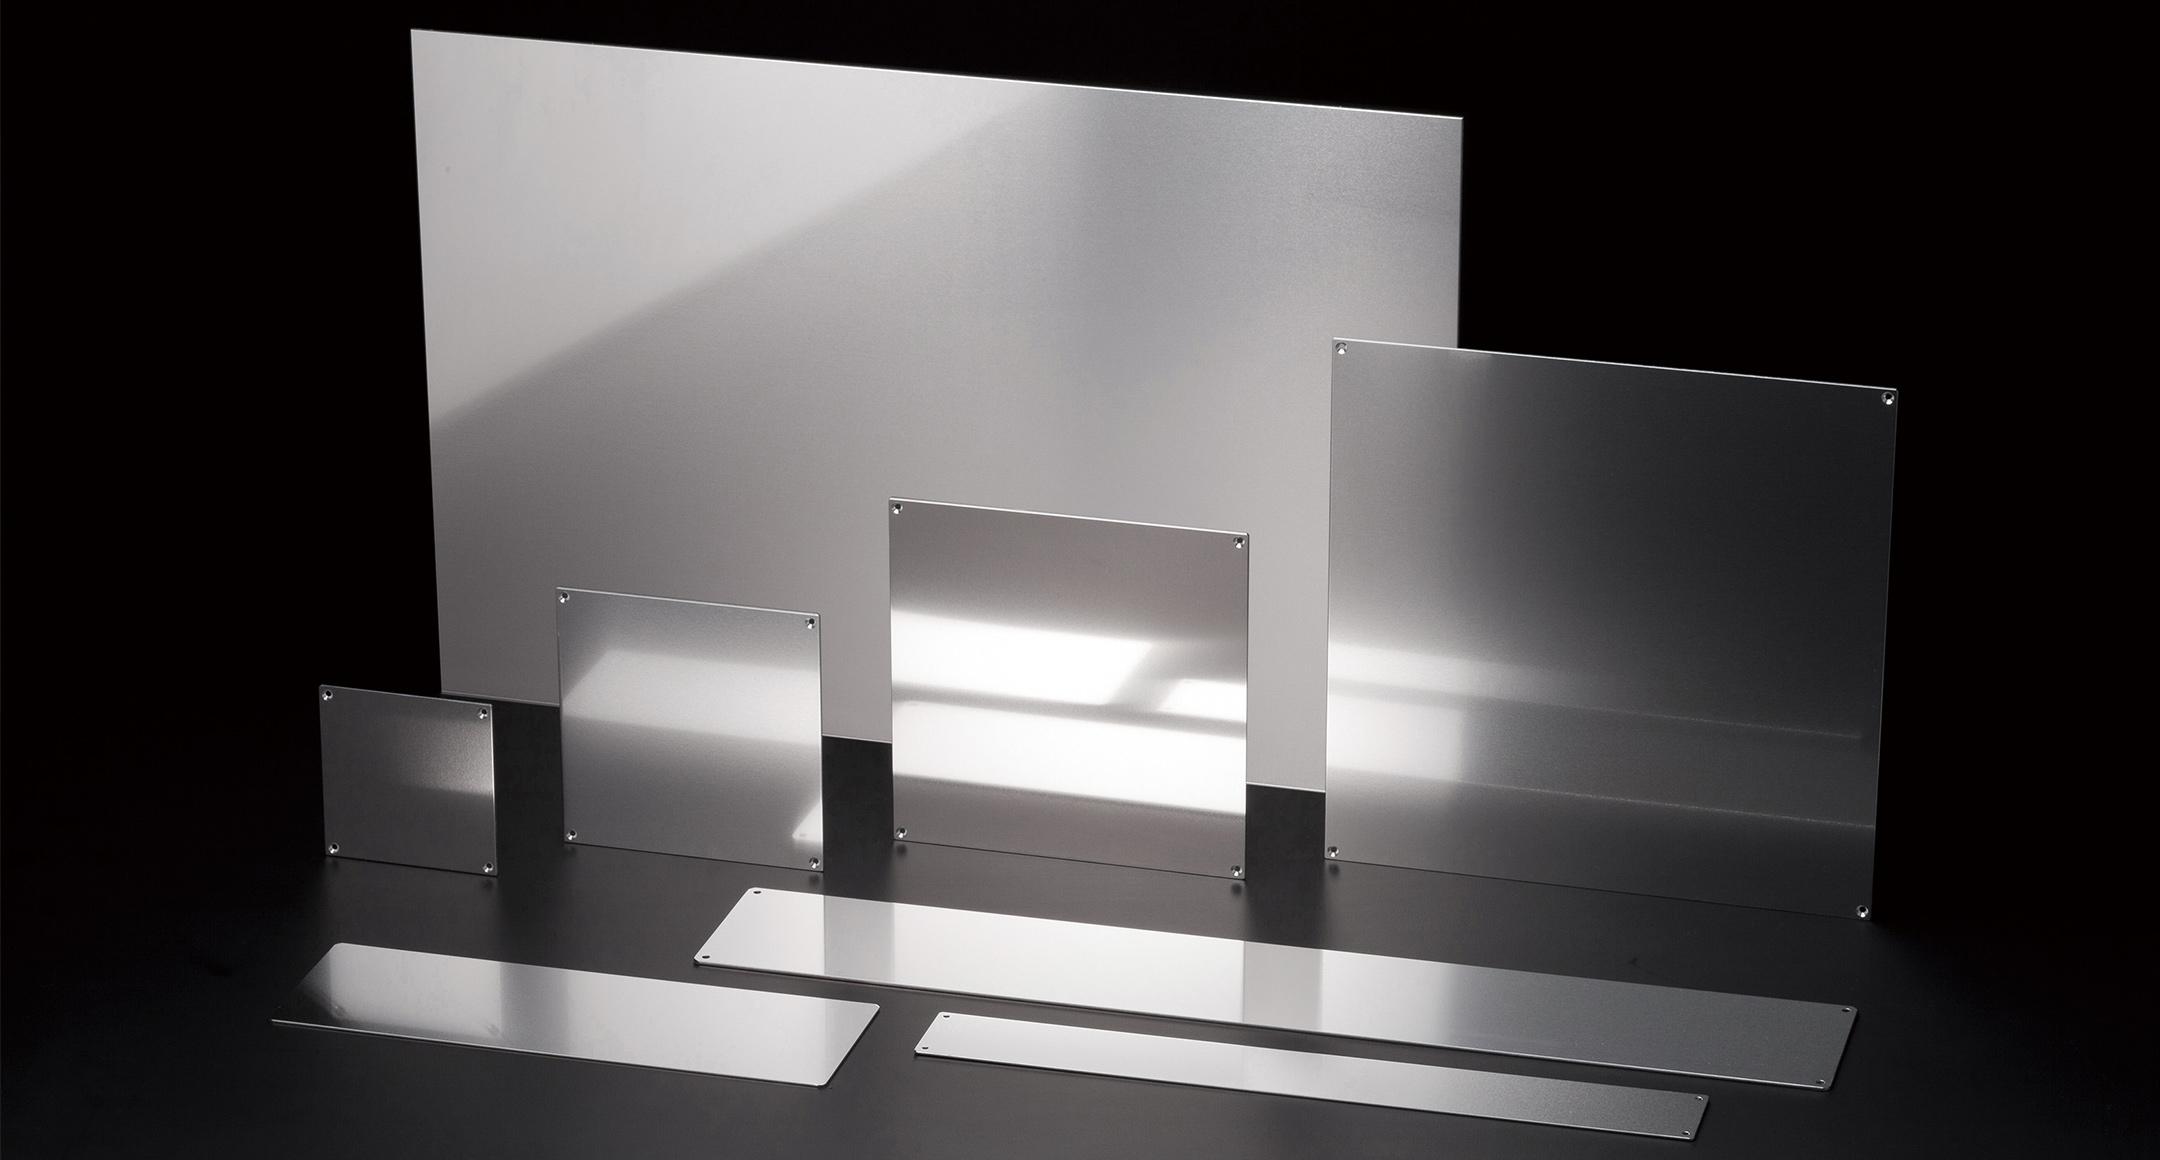 アルミフリーサイズパネル NPFシリーズの画像